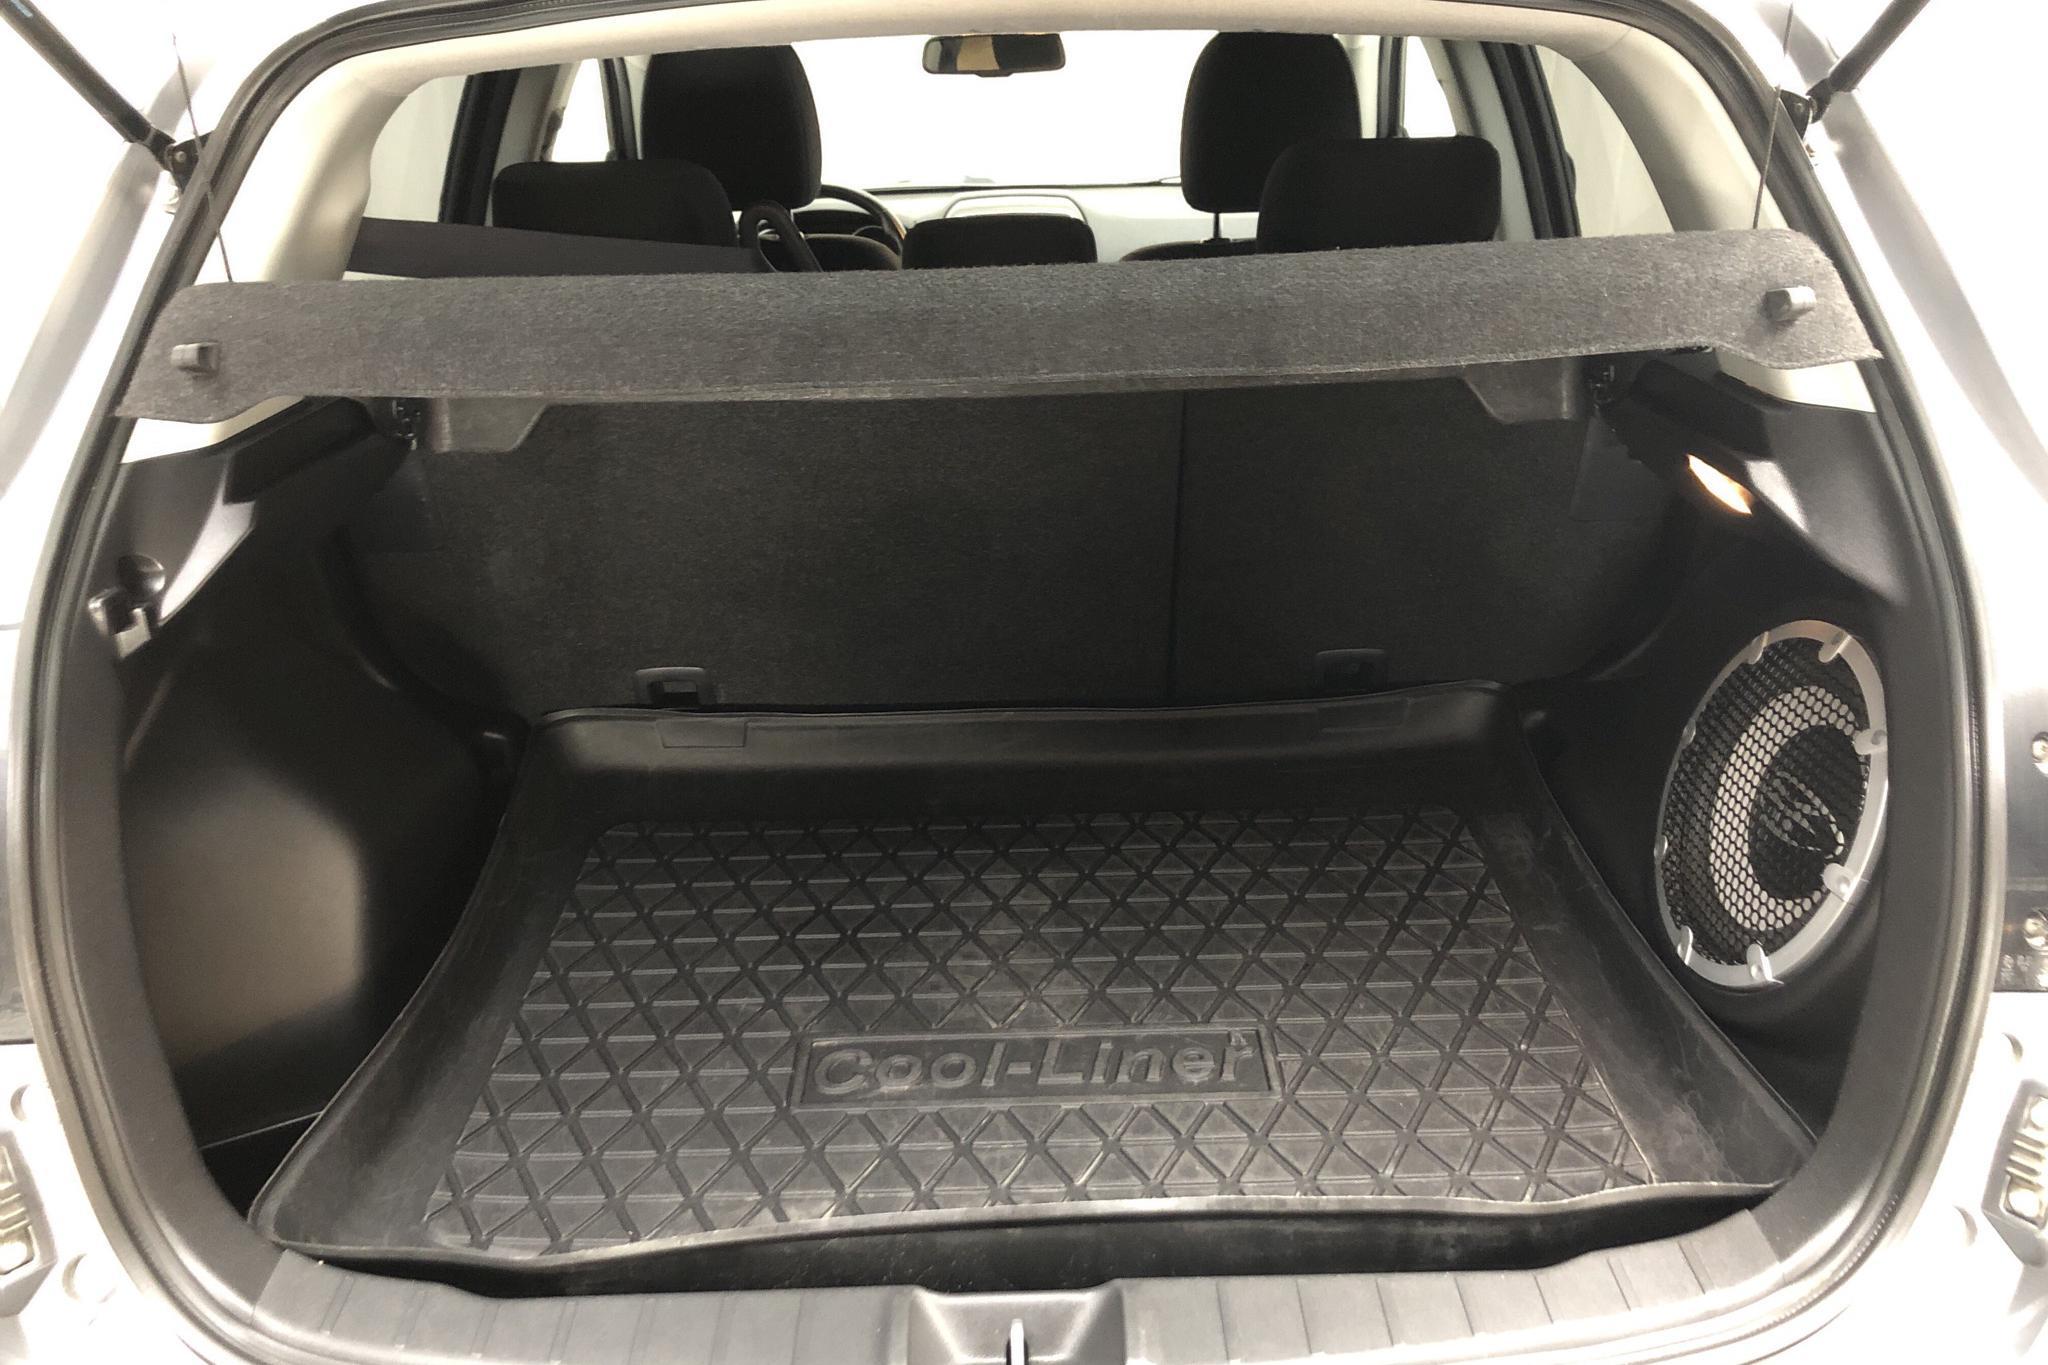 Mitsubishi ASX 1.6 2WD (117hk) - 2 713 mil - Manuell - grå - 2017